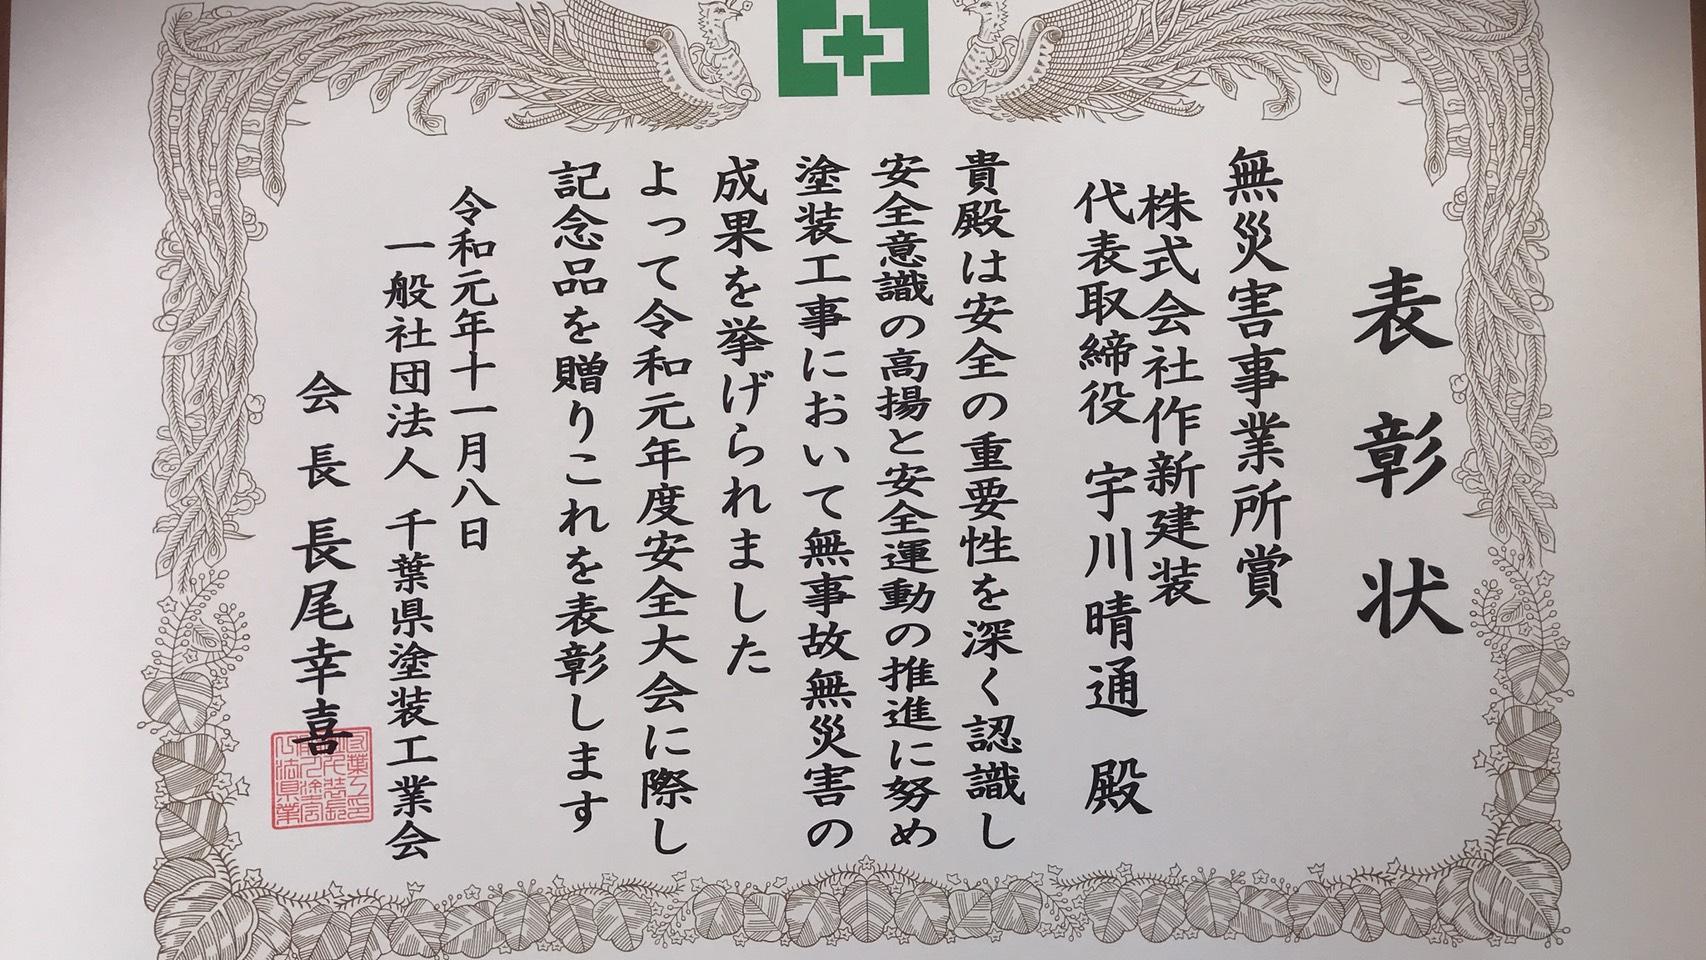 https://www.sakushinexterior.com/blog/S__15720616.jpg